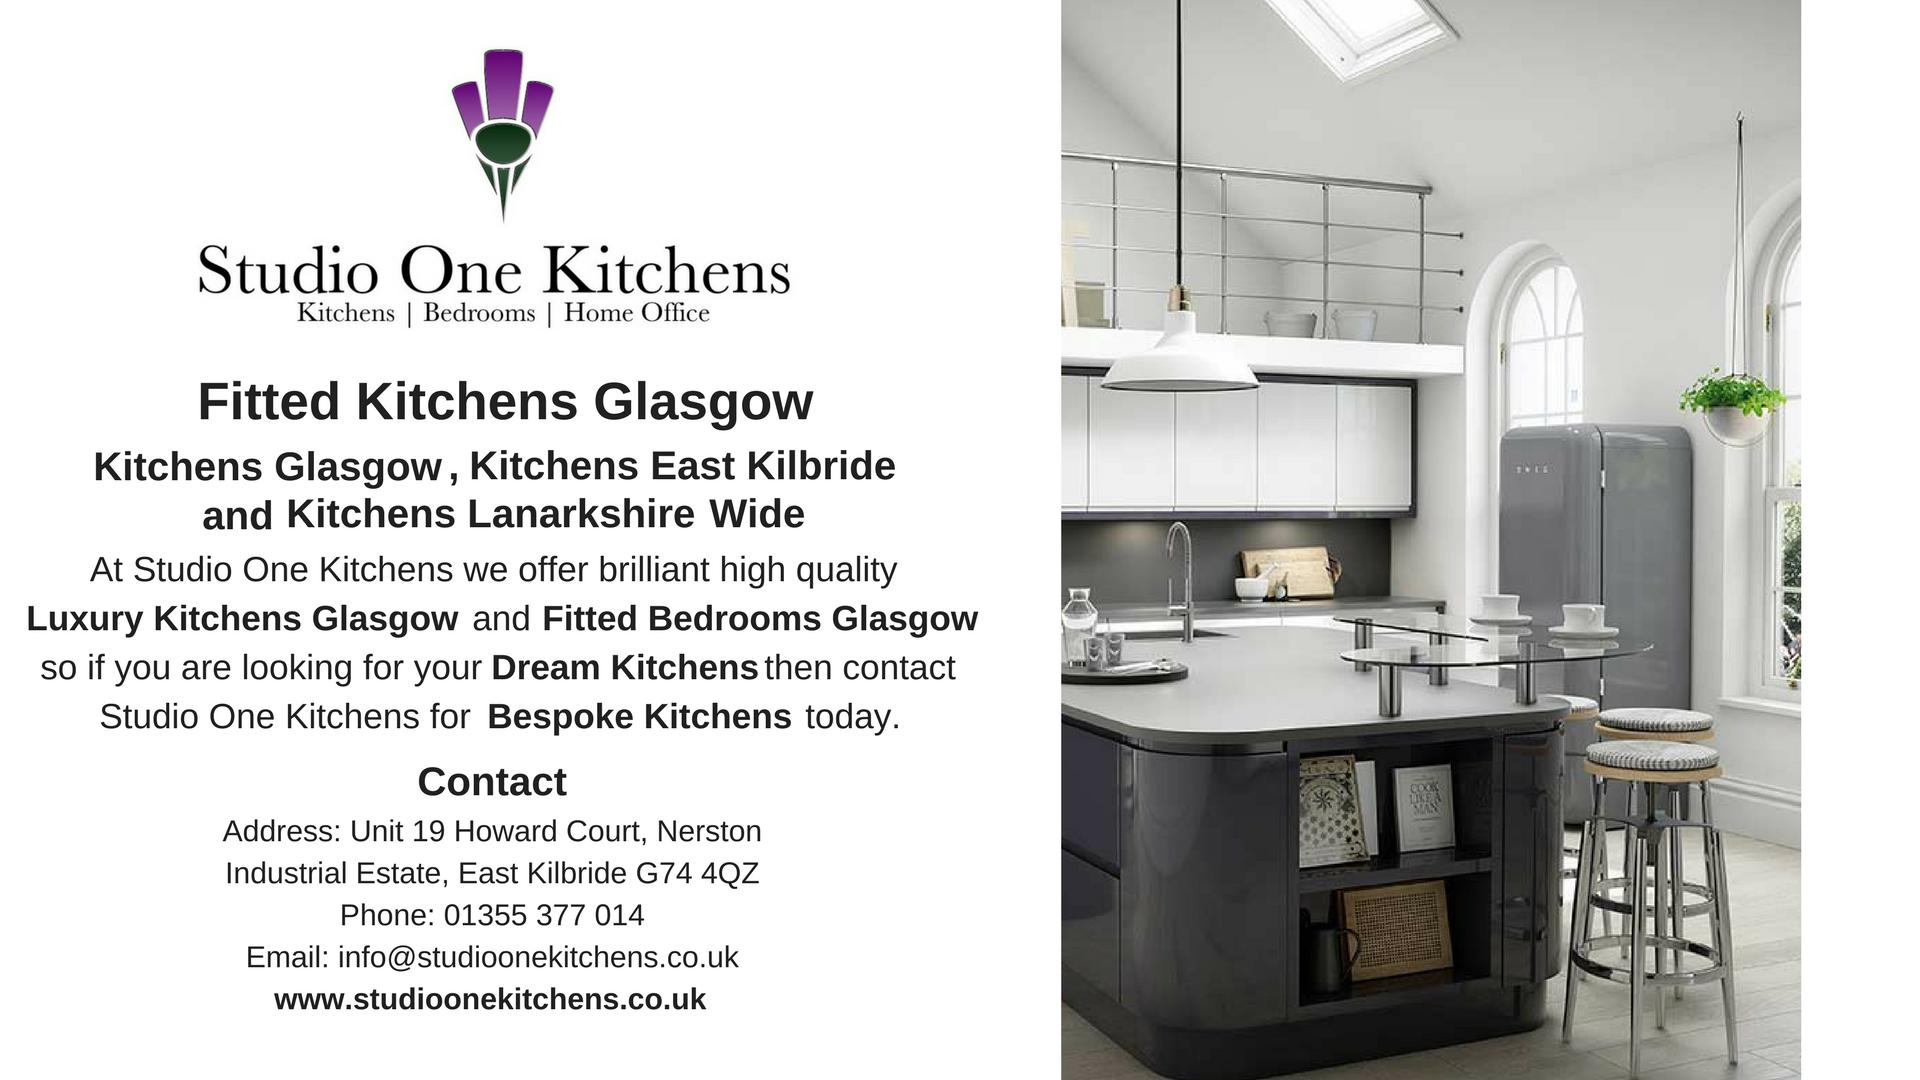 Kitchens Glasgow Kitchens Glasgow Kitchen Luxury Kitchens